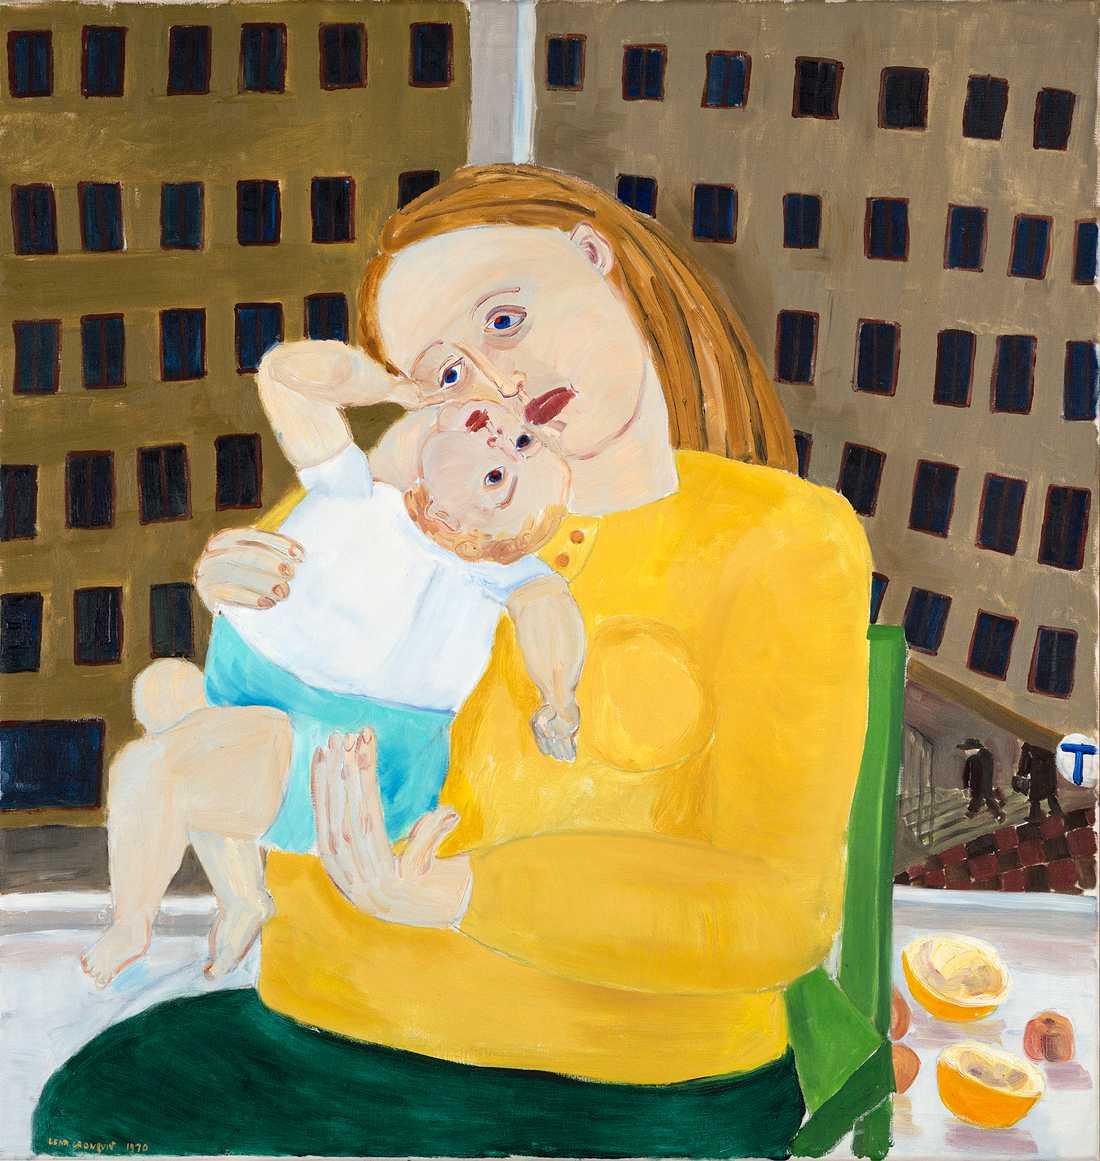 """Lena Cronqvists """"Gul madonna (en känsla av otillräcklighet)"""" från 1970."""